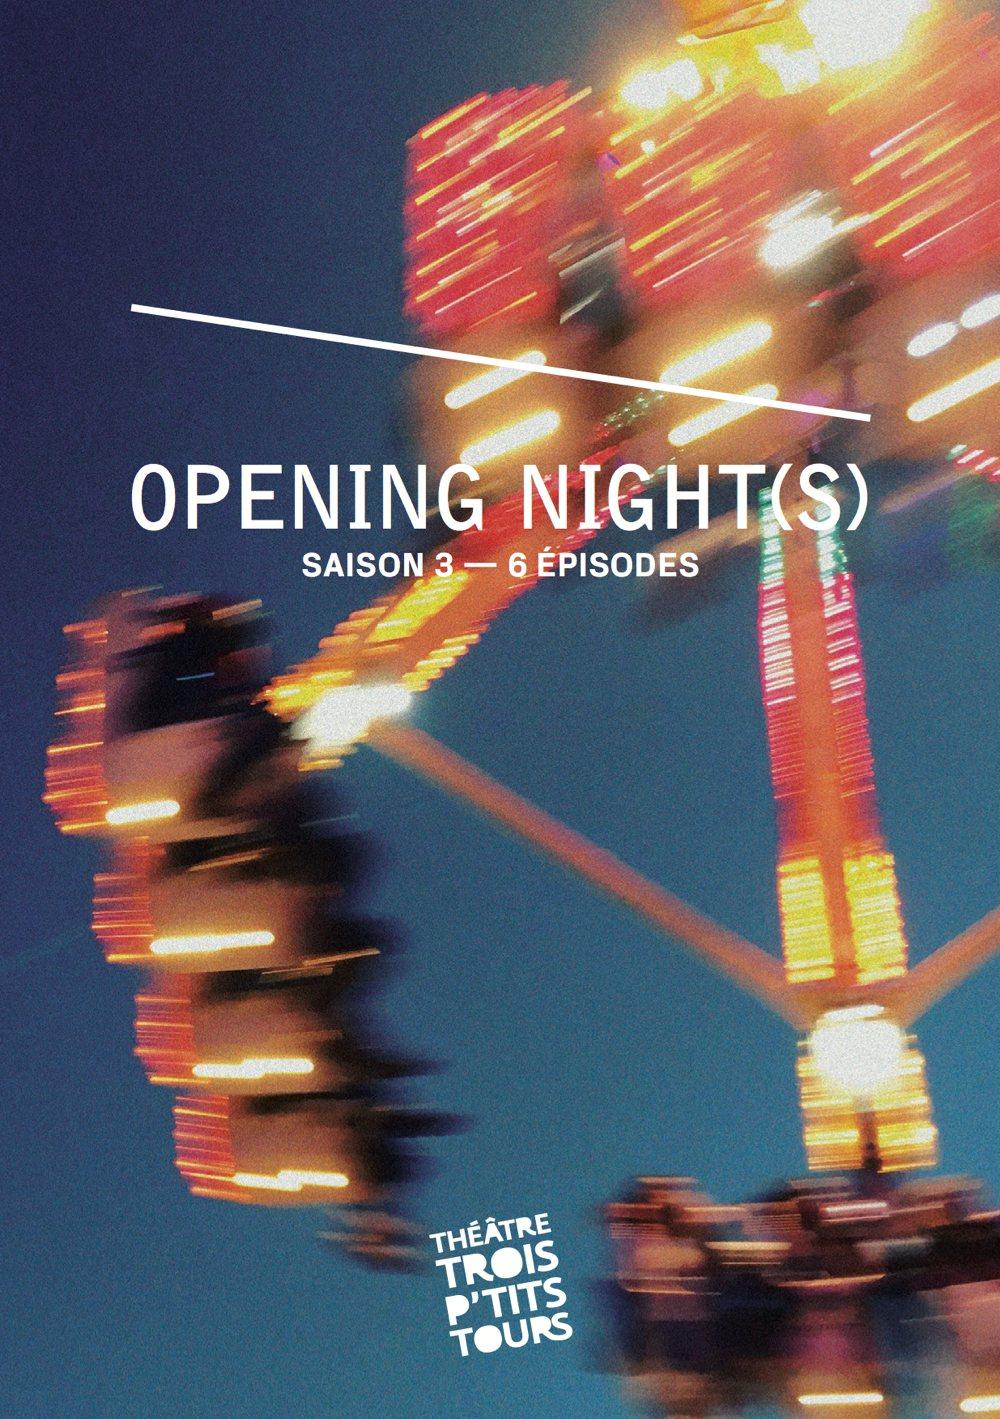 Opening Night(s) S03E01